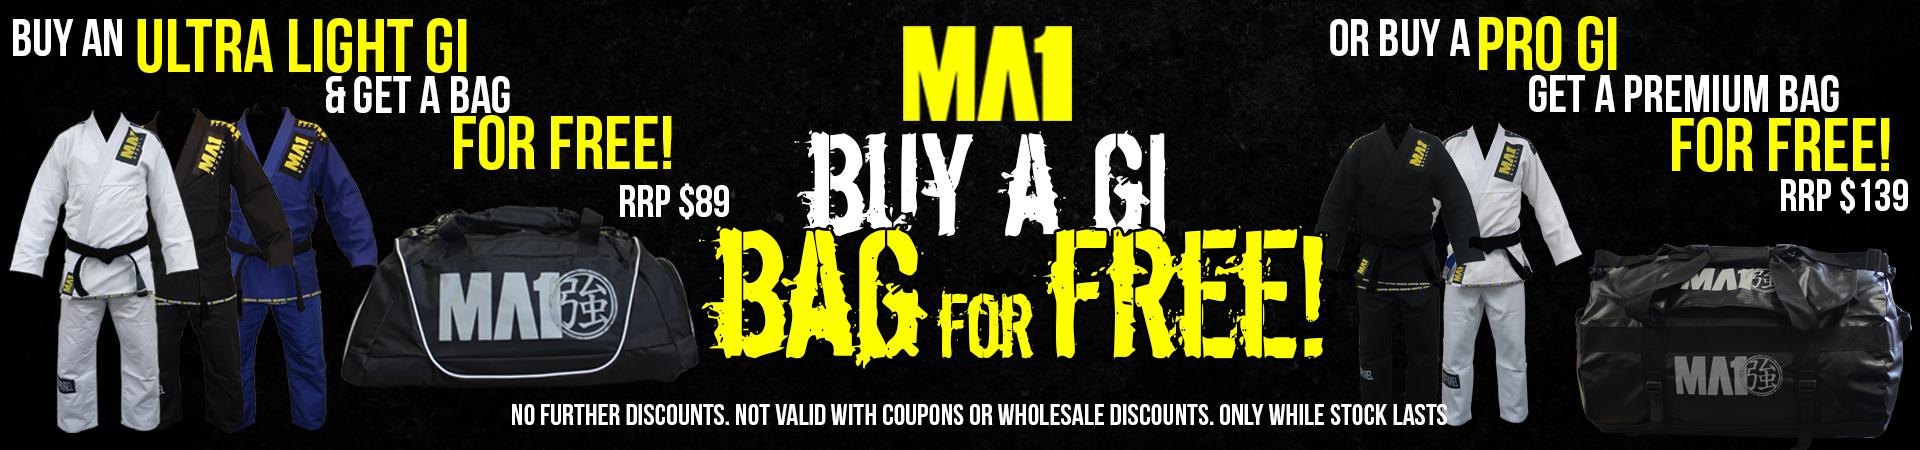 limited-offer-gi-gear-bag.jpg